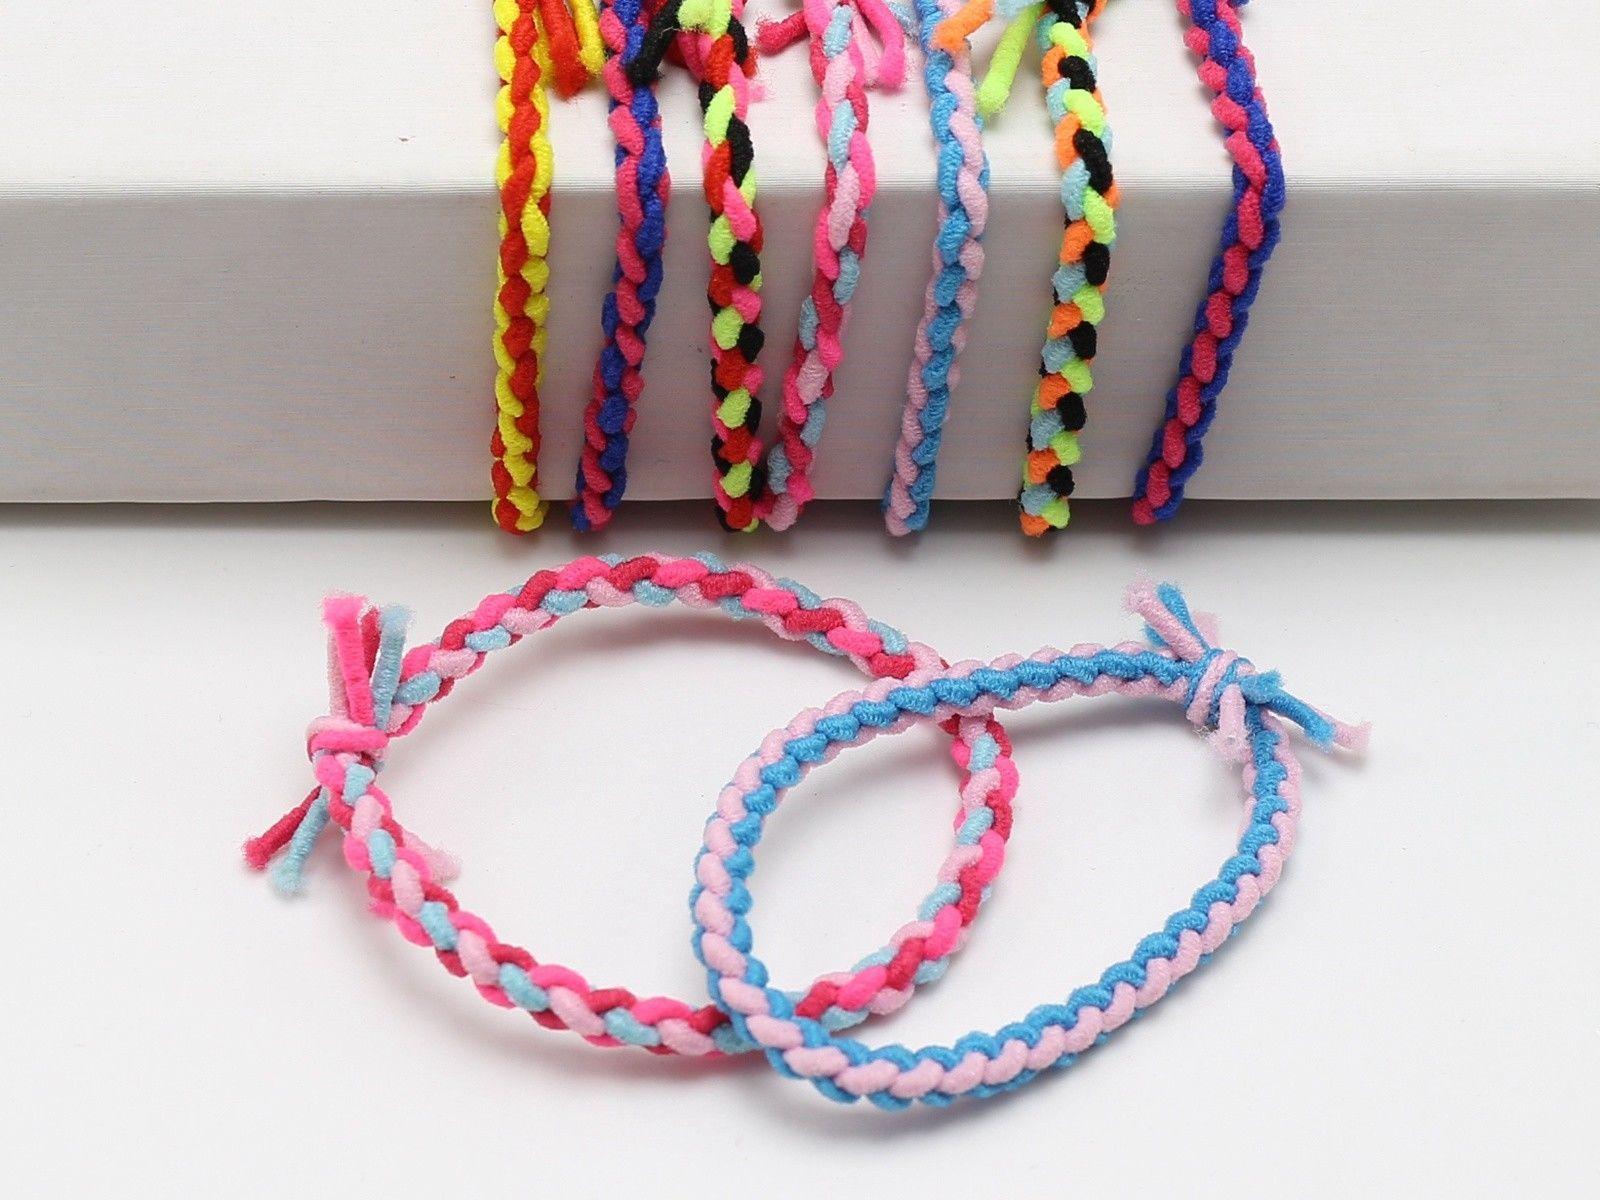 30 Multi Color Elastic Rope Braided Ruber Hair Tie Hair Bands Ponytail Holder Rope Braid Elastic Rope Hair Ties